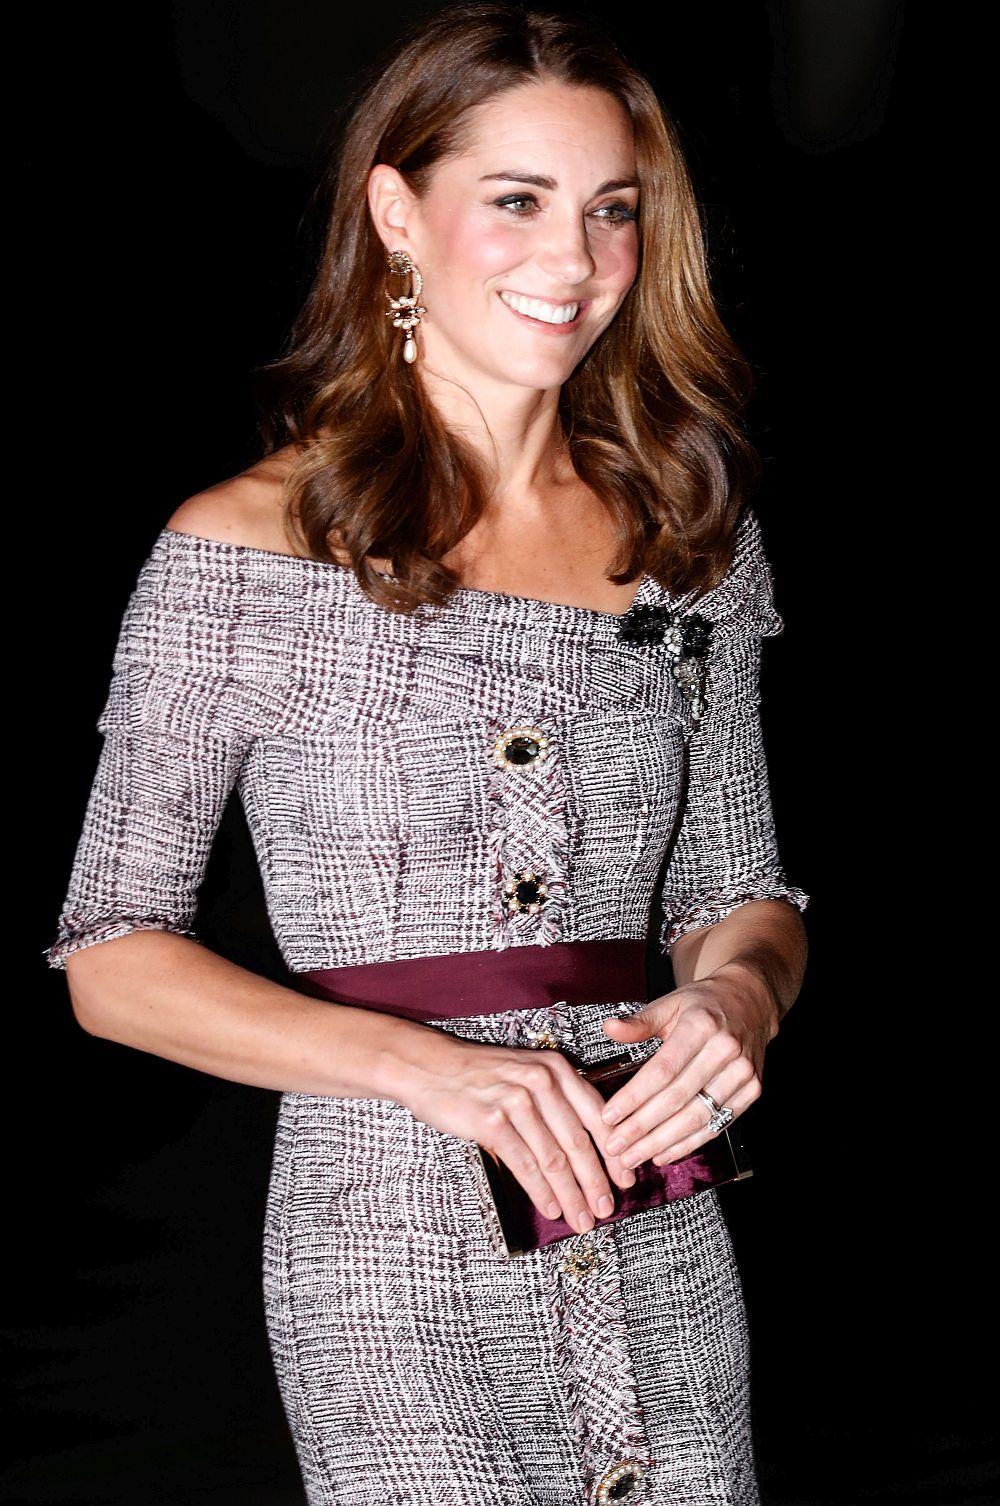 Кейт отново демонстрира безупречен стил и класа